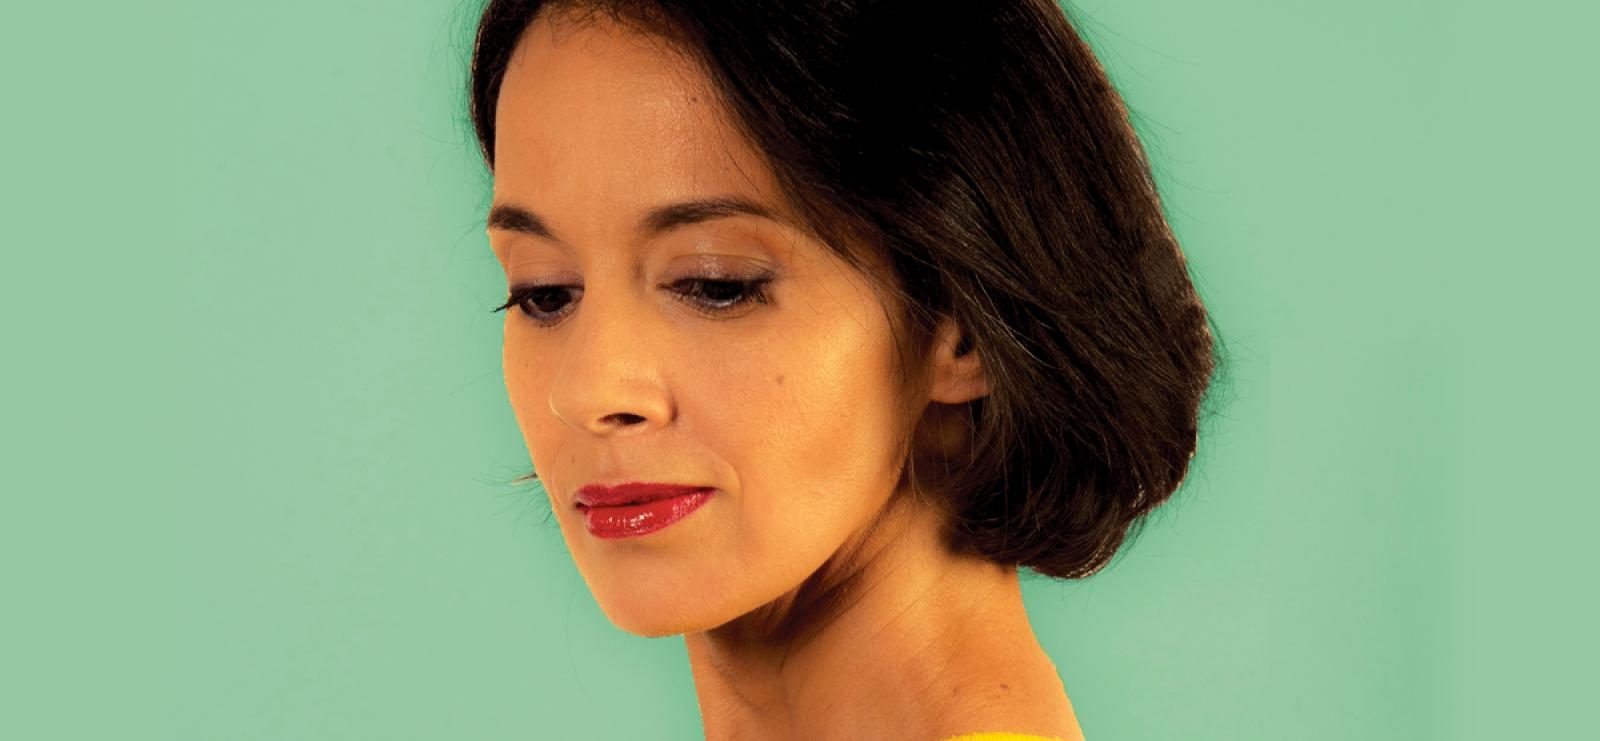 Festival du rire : Sophia Aram